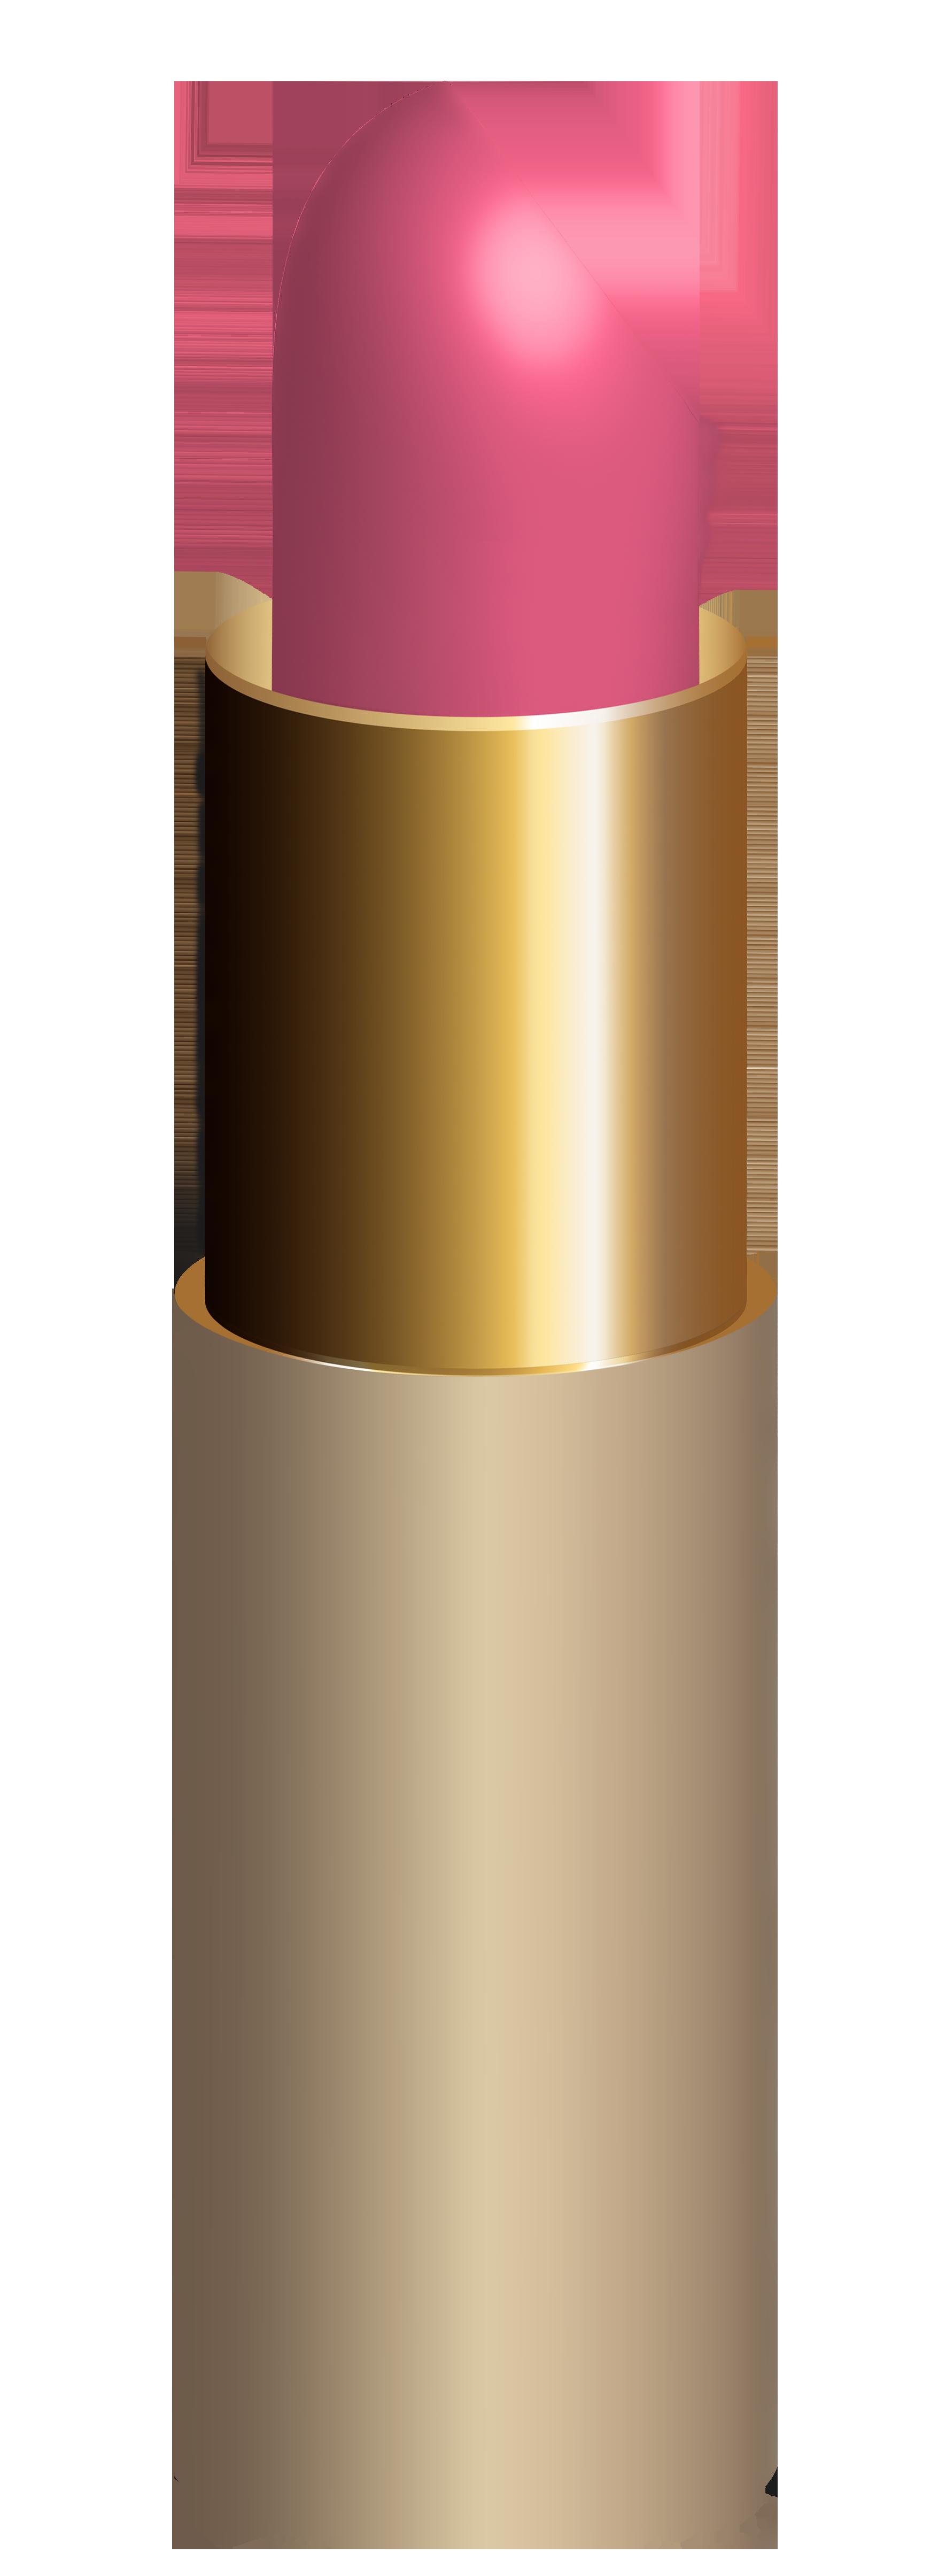 Lipstick clipart Light clipart image clip Lipstick